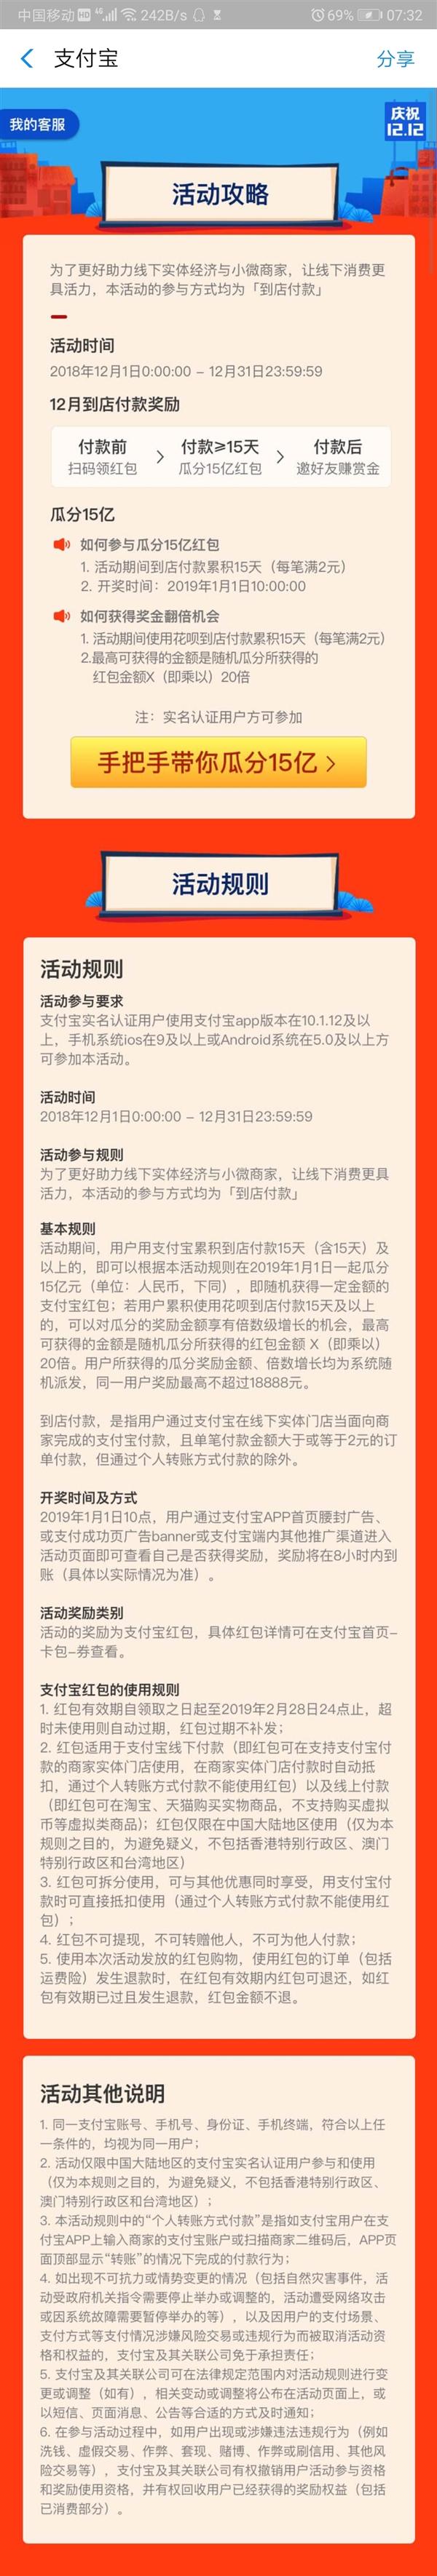 支付宝12月送15亿元红包:个人最高18888元